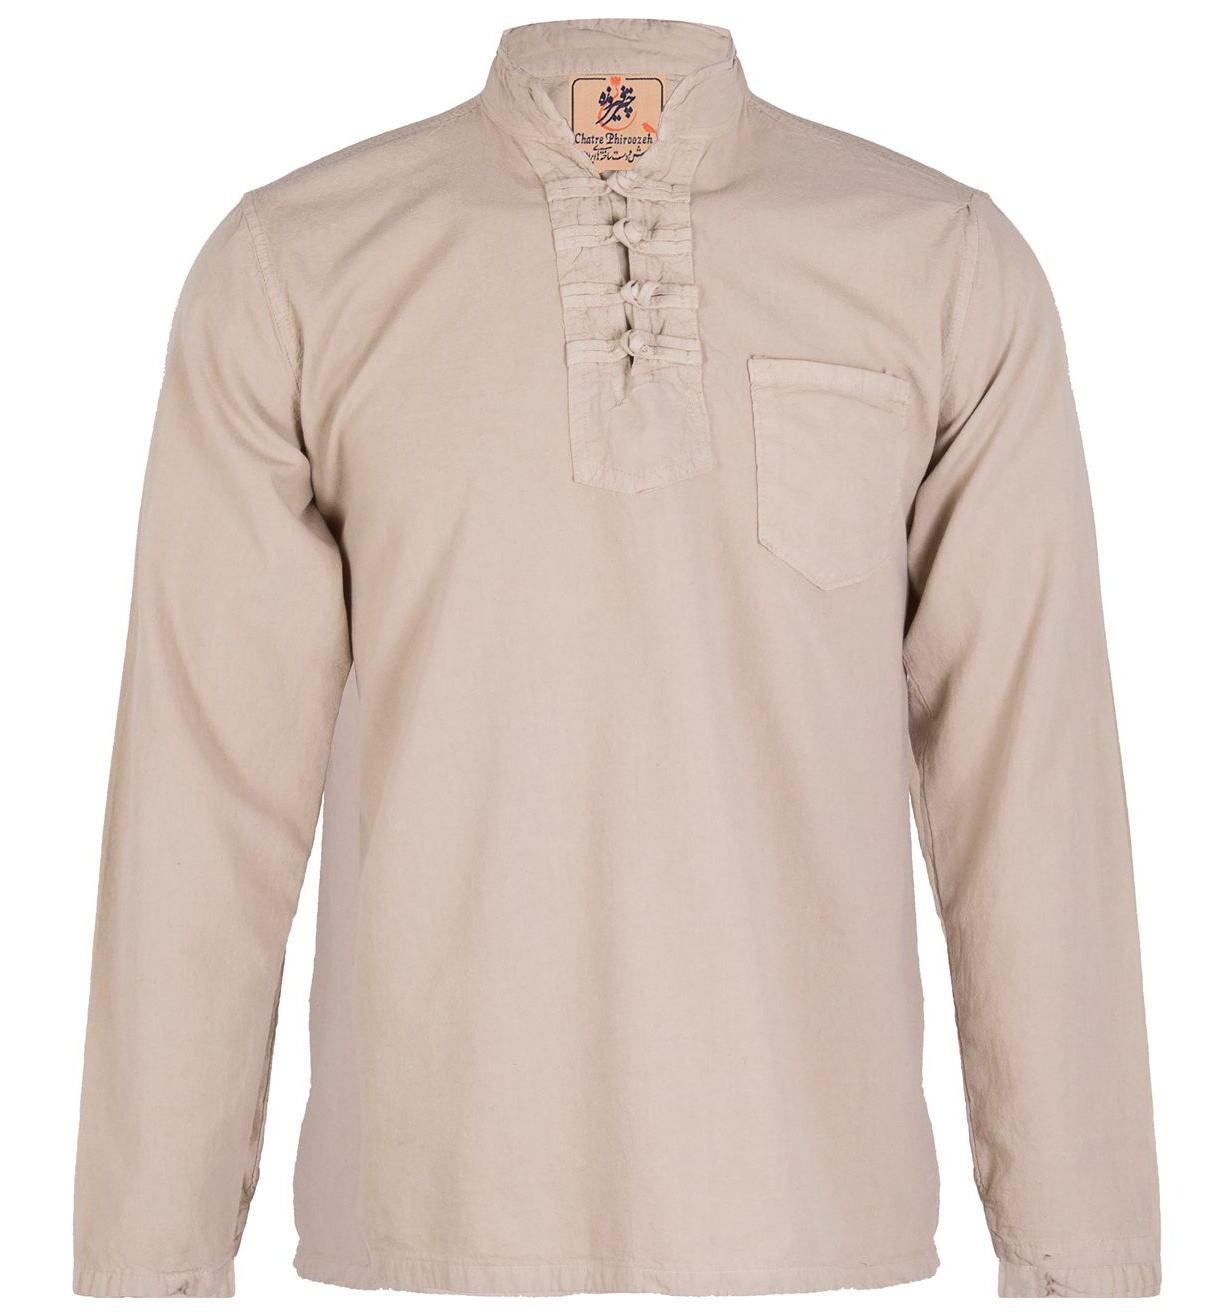 پیراهن مردانه الیاف طبیعی چترفیروزه مدل چهارگره کرم کد 3 main 1 1